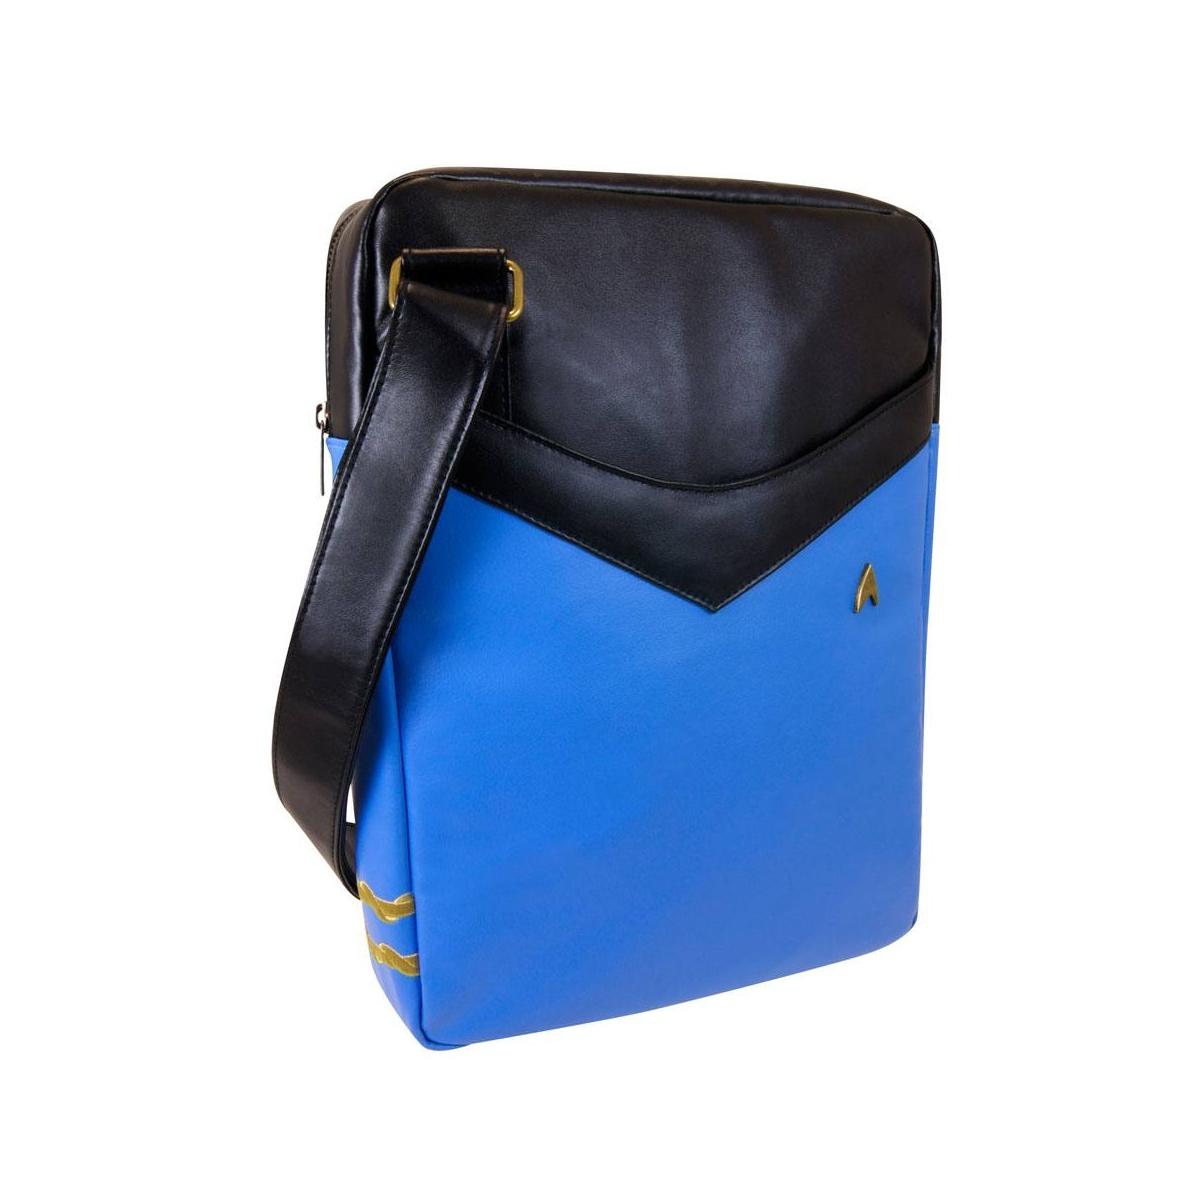 star trek housse pour ordinateur portable blue uniform. Black Bedroom Furniture Sets. Home Design Ideas